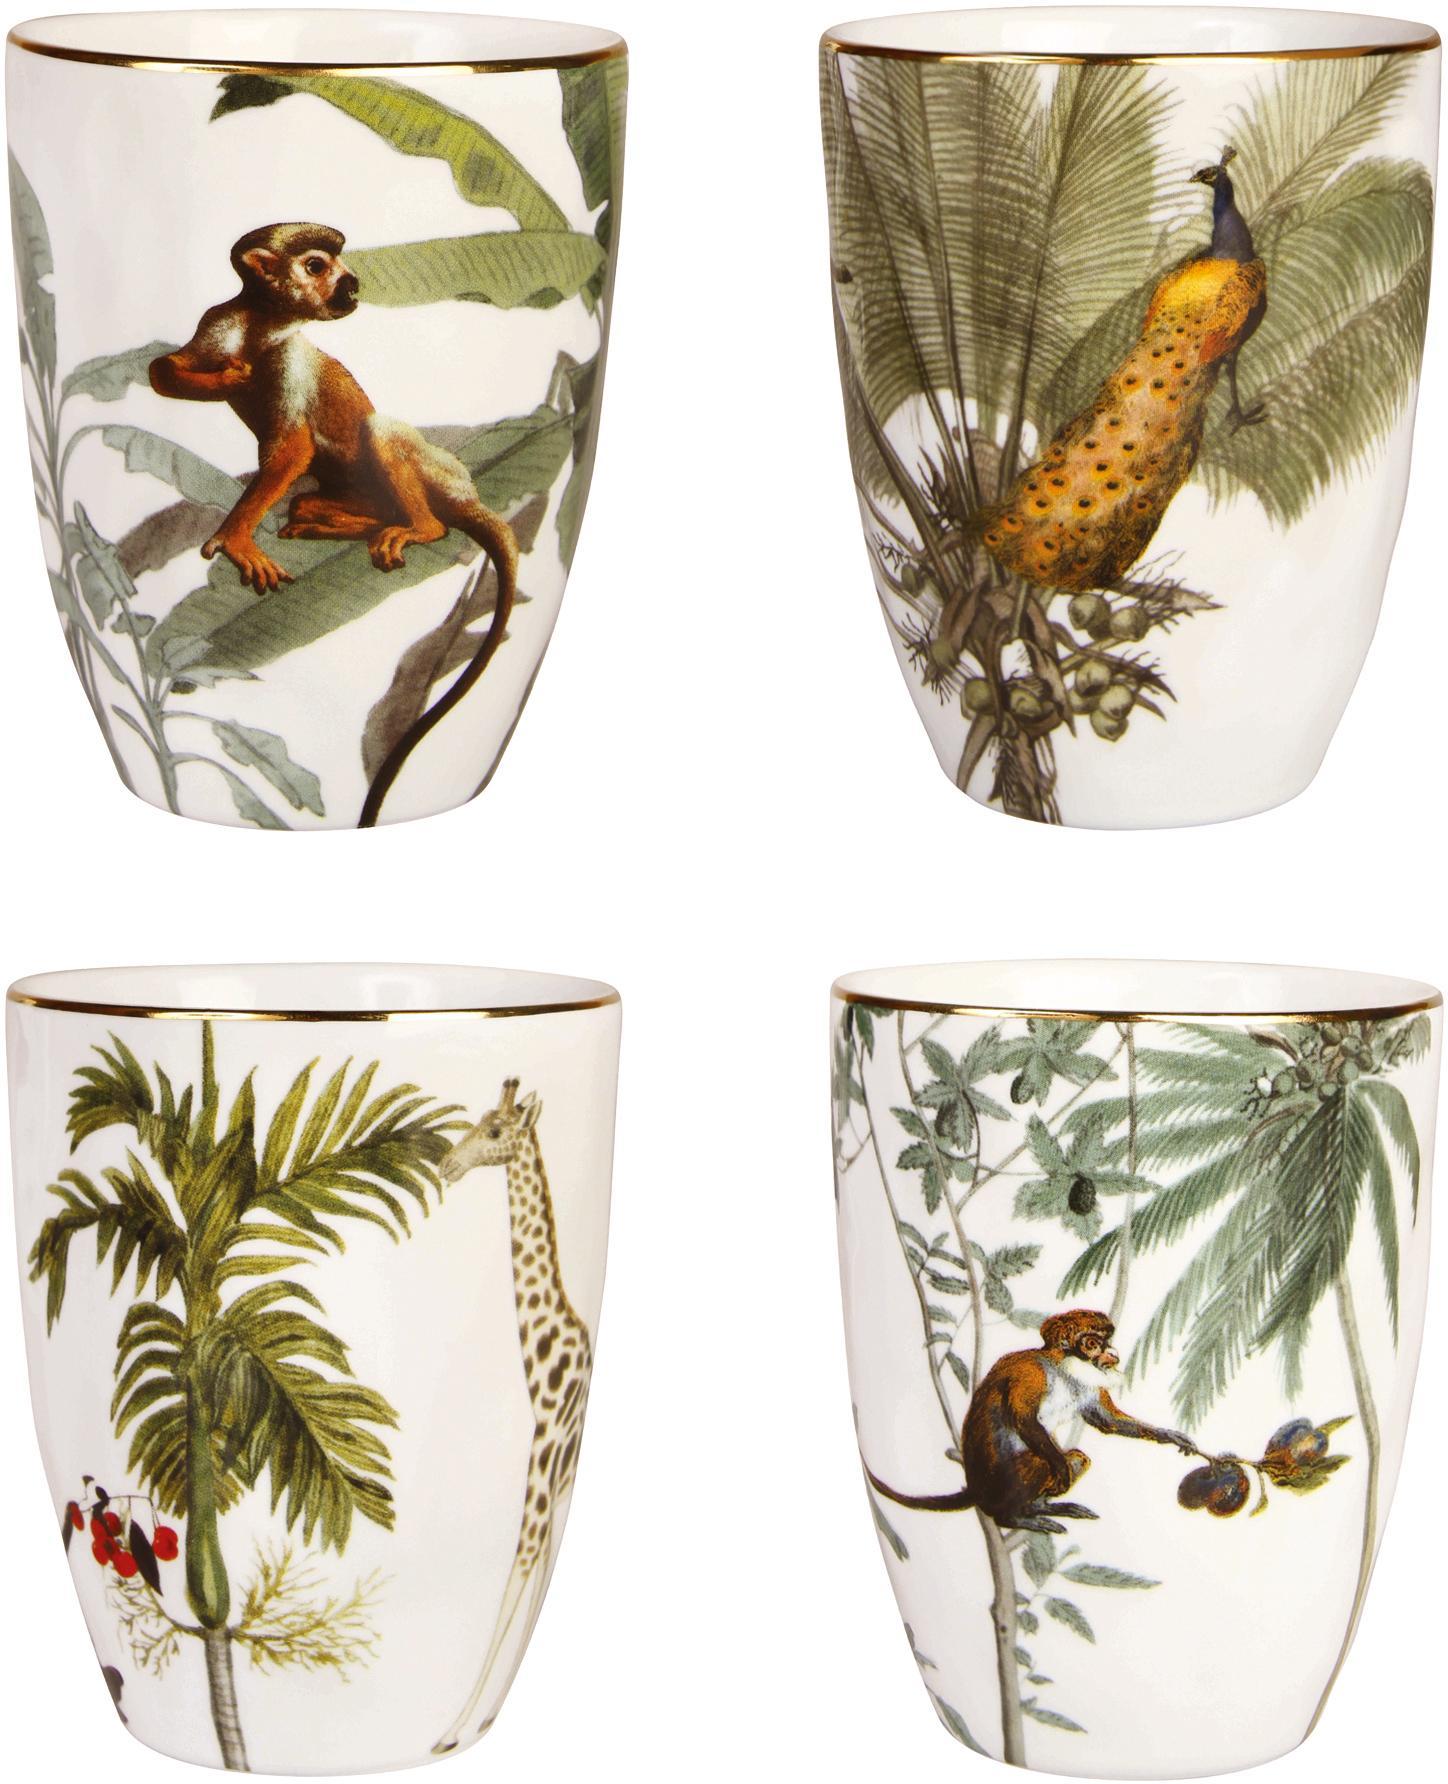 Set 4 tazze con bordo dorato e motivi tropicali Animaux, Porcellana, Multicolore, Ø 8 x Alt. 10 cm